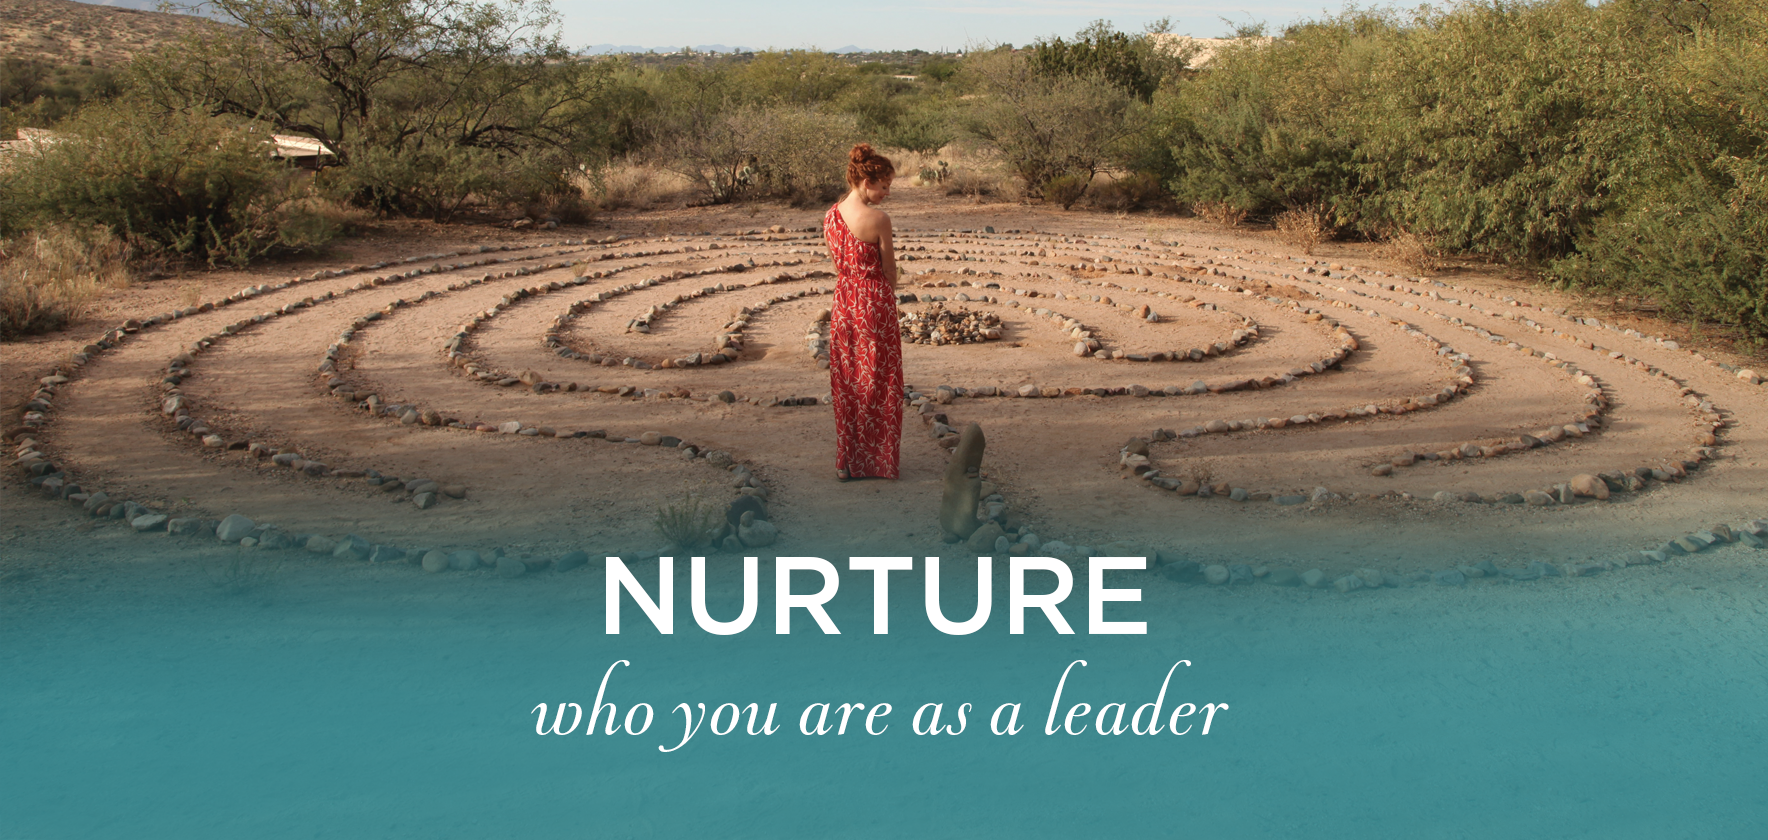 nurture_new.png